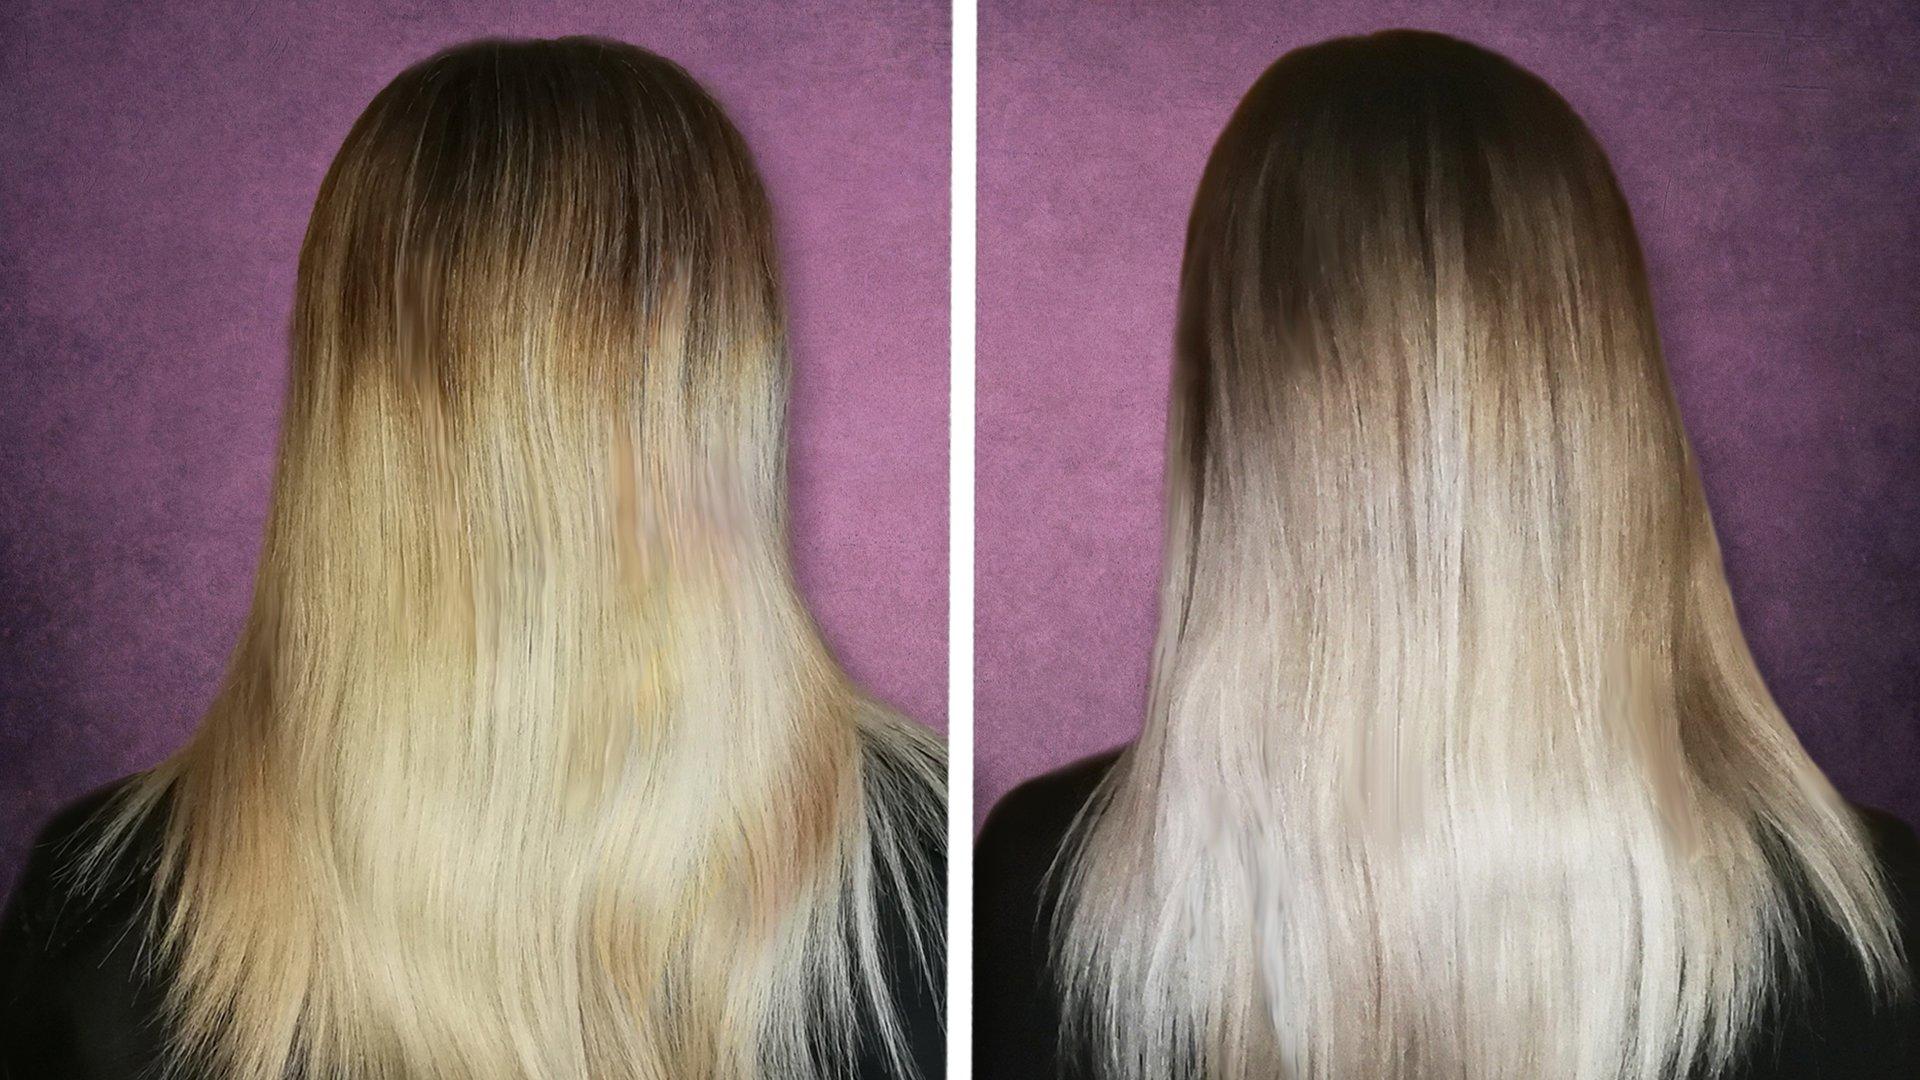 Abmattieren nach blondierung